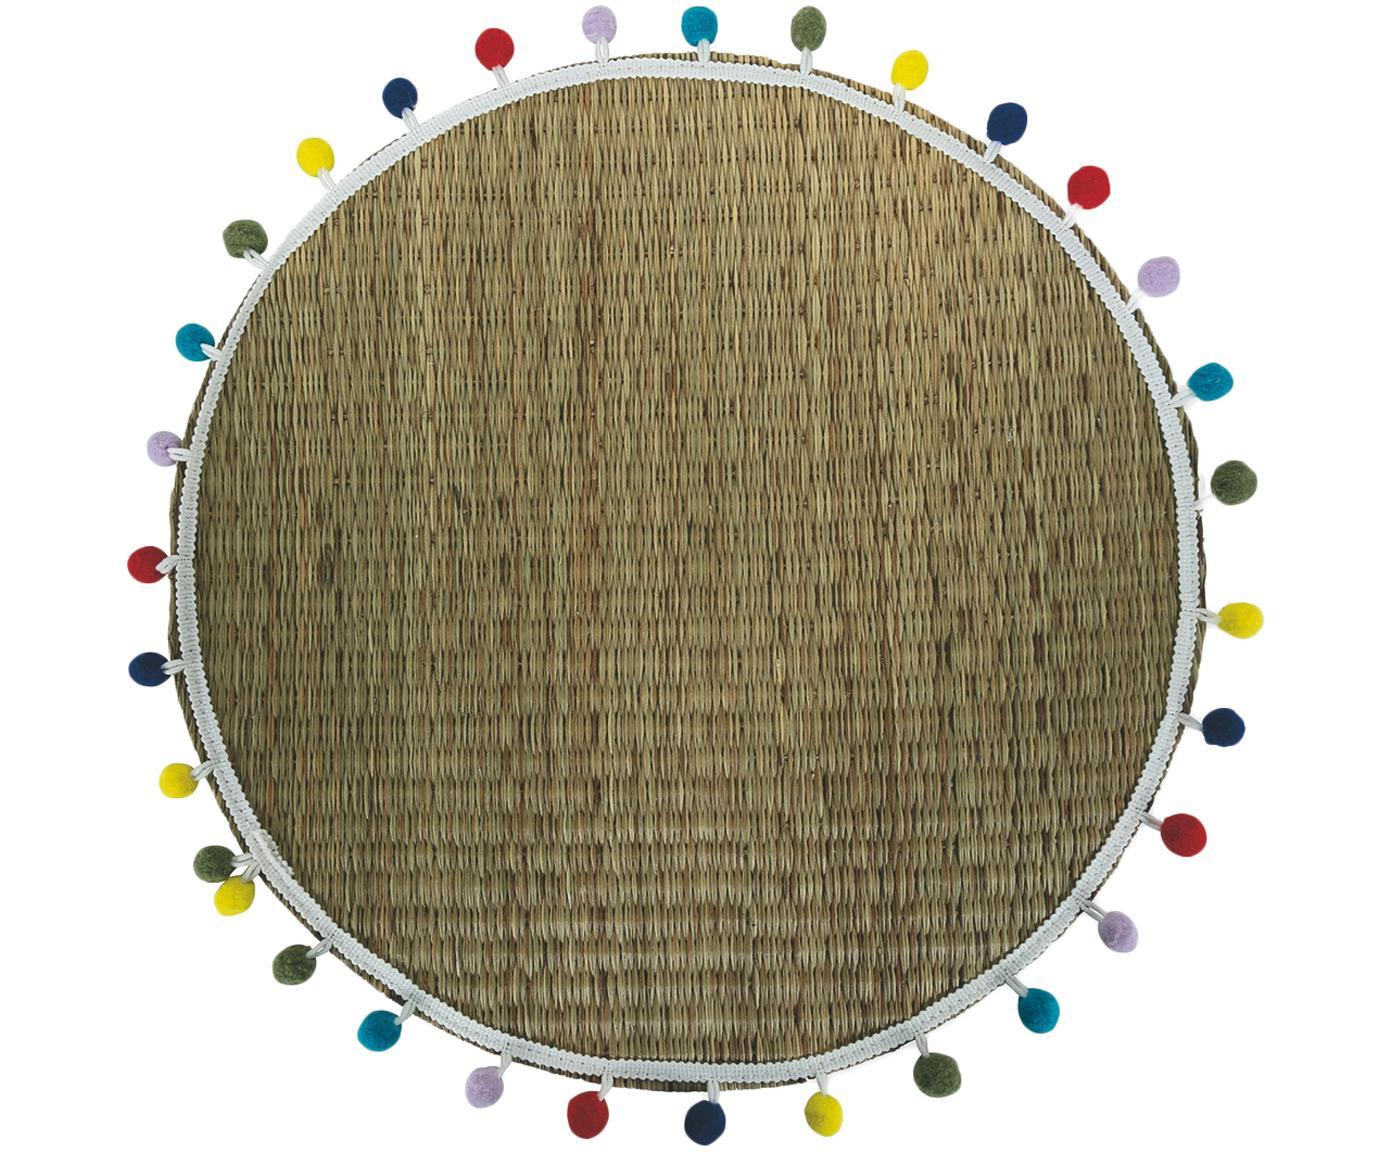 Runde Tischsets Mexico mit bunten Pompoms, 2 Stück, Raffia, Beige, Mehrfarbig, Ø 38 cm